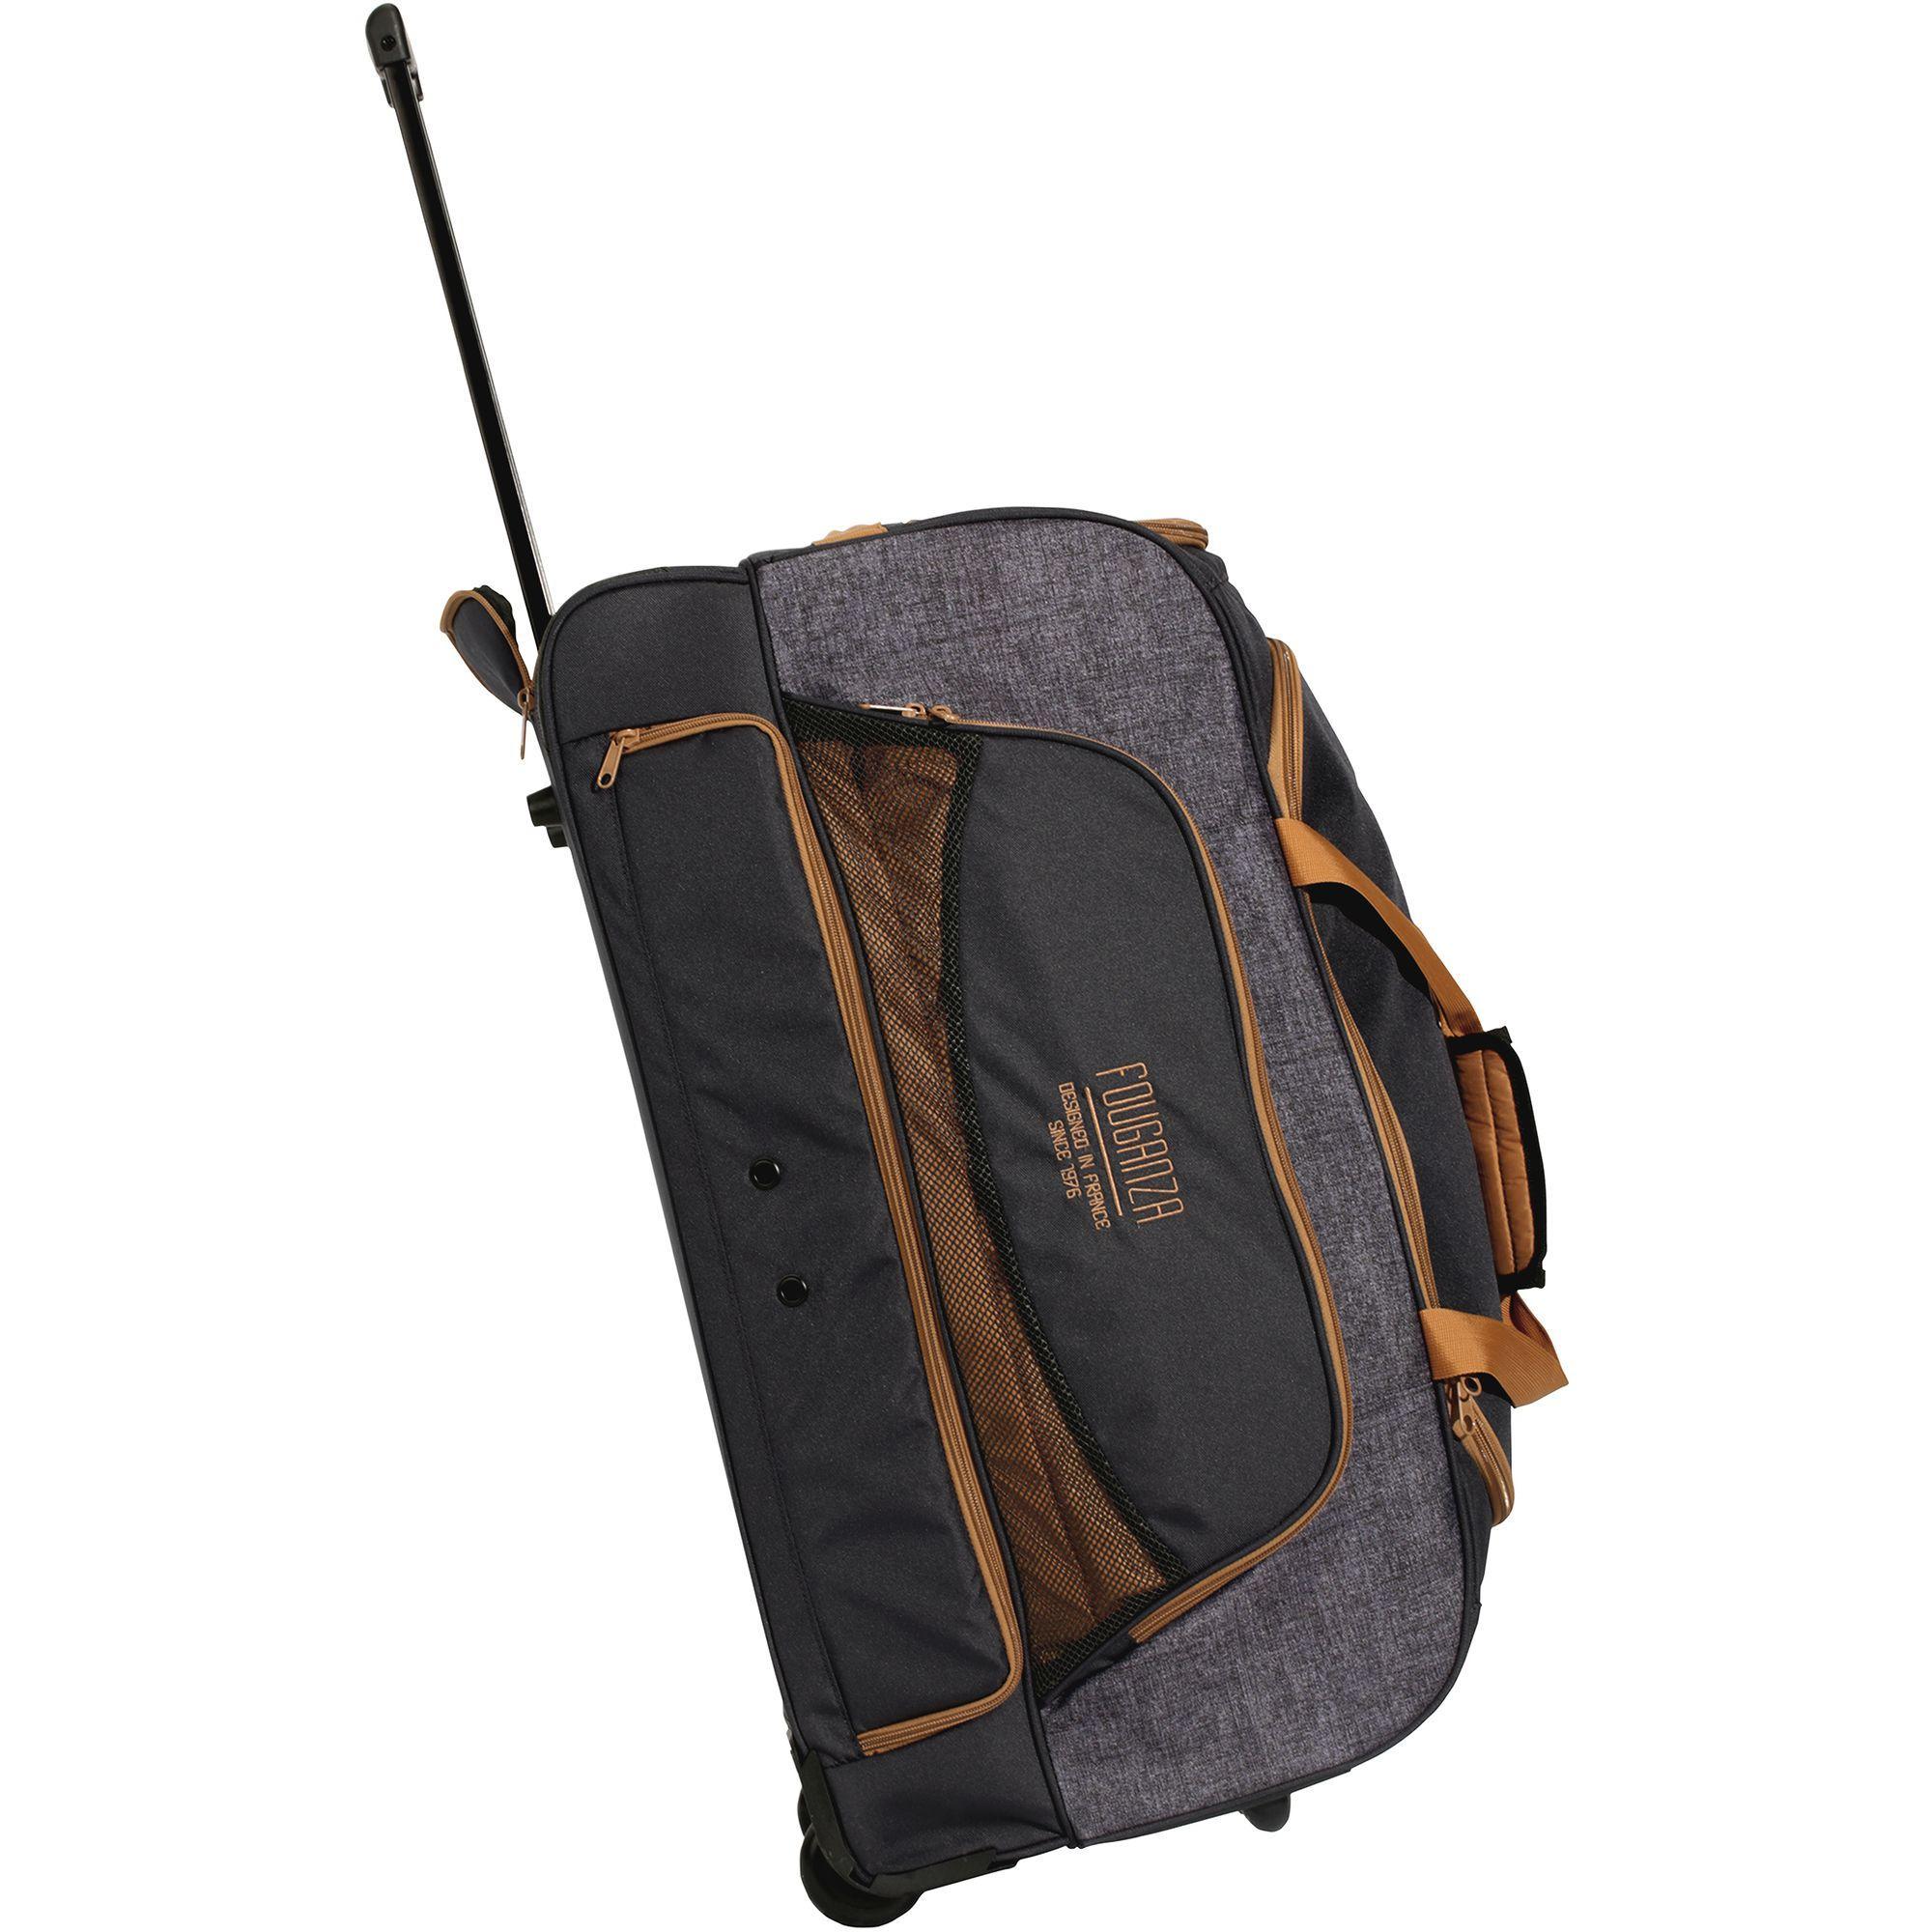 transporttasche mit rollen trolley sporttasche reitzubeh r 80l fouganza decathlon. Black Bedroom Furniture Sets. Home Design Ideas